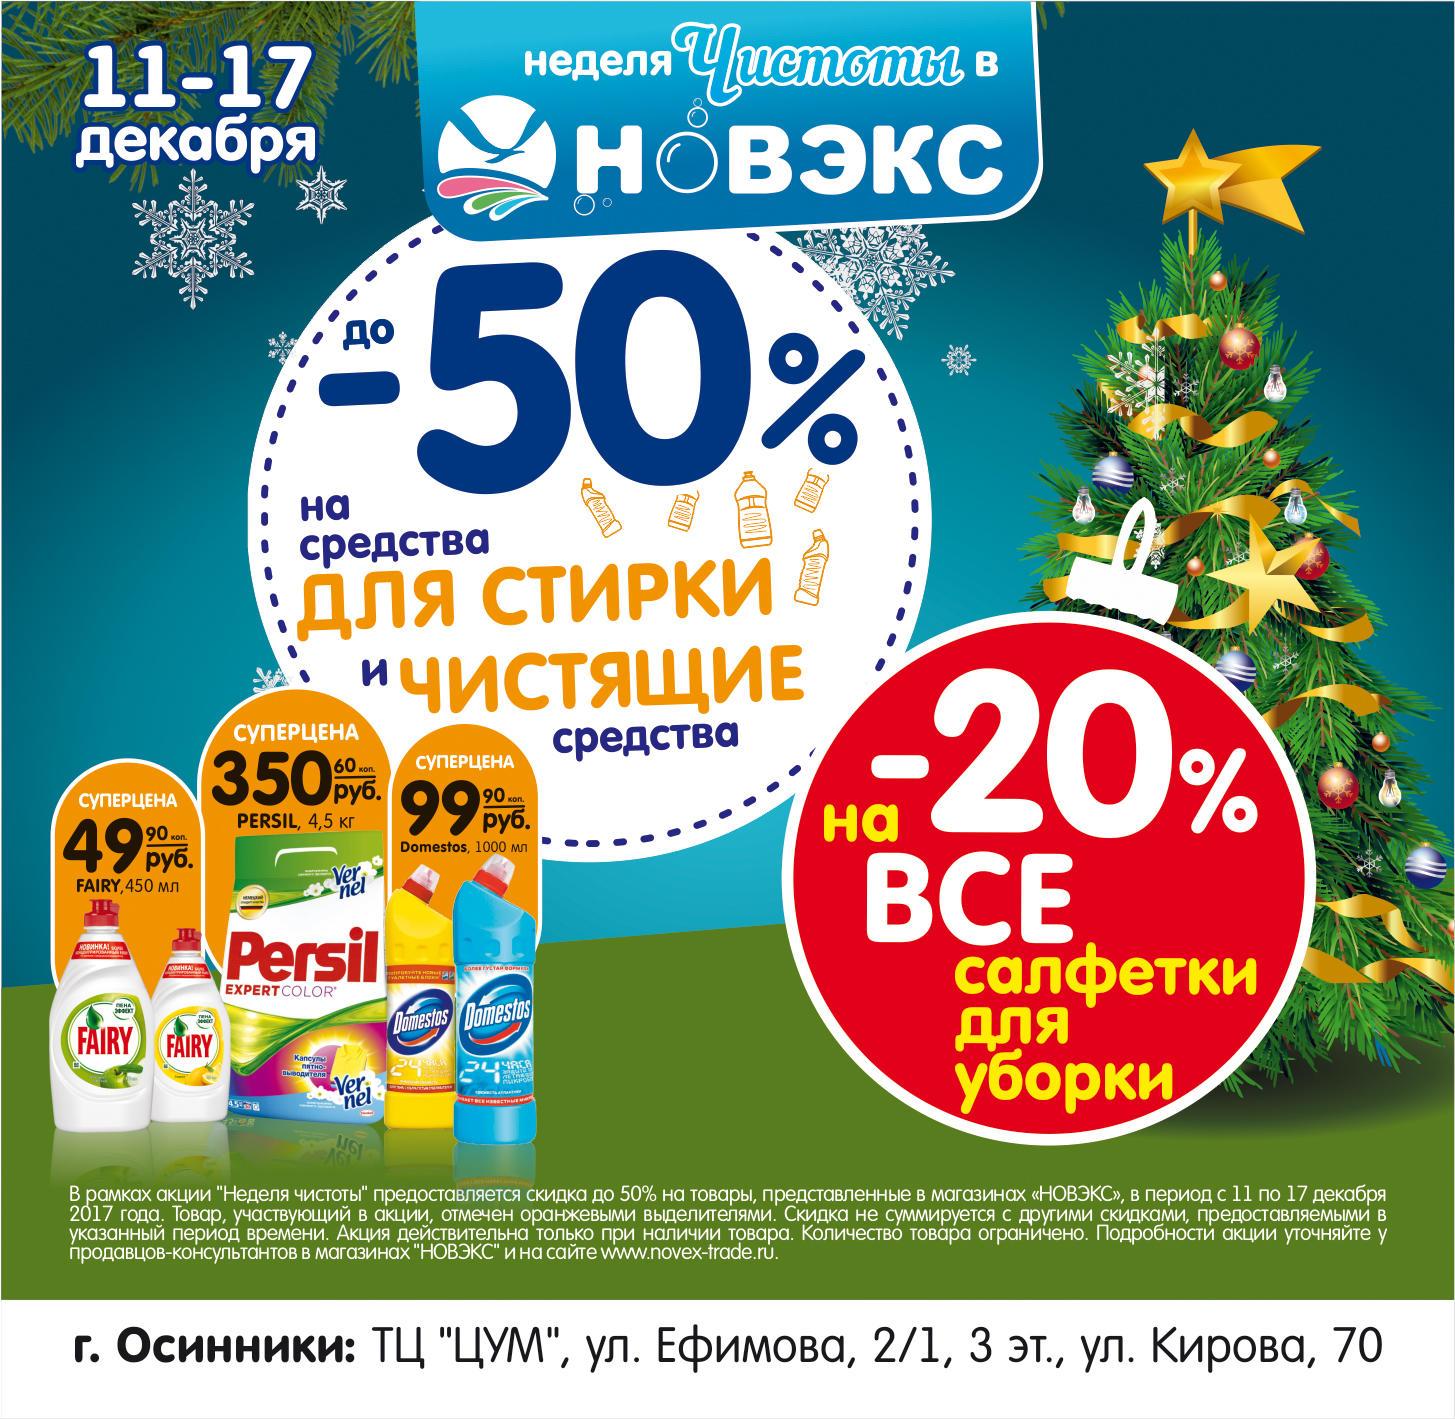 ... по 17 декабря в НОВЭКСЕ до -50% на средства для СТИРКИ и ЧИСТЯЩИЕ  средства, -20% на ВСЕ салфетки для уборки. г. Осинники  ТЦ